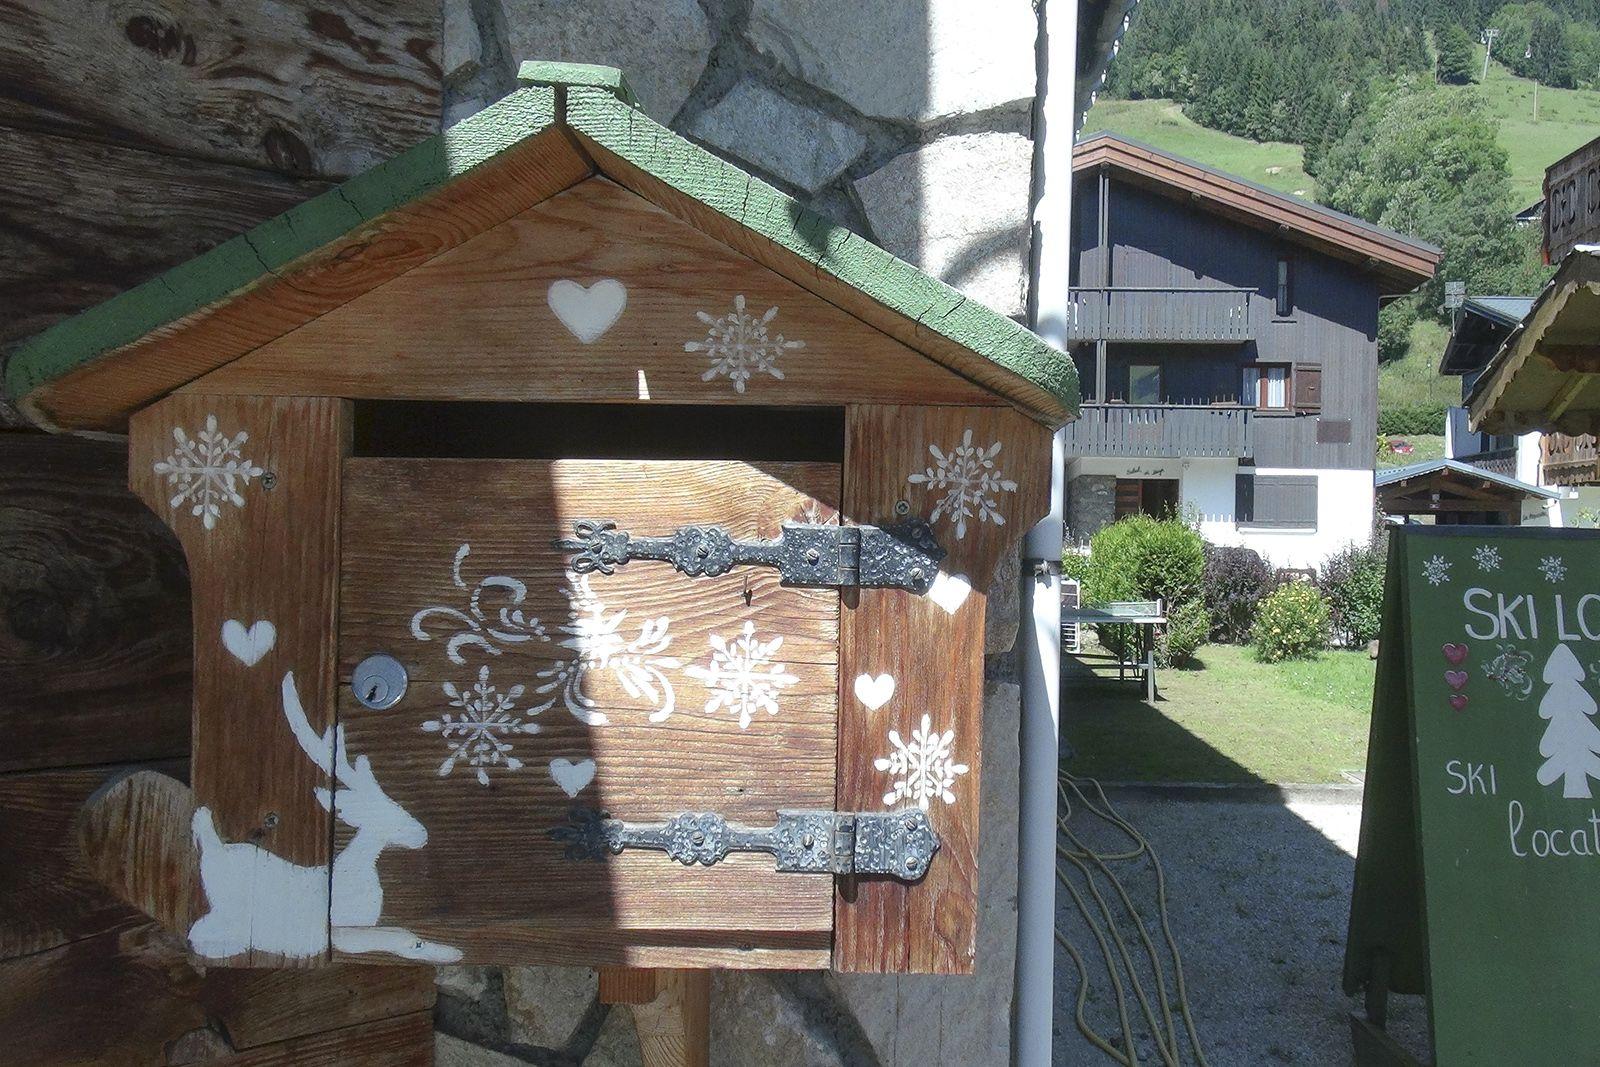 boîte 44 - julie jacquot #photo #boîteauxlettres #montagnes #chalets